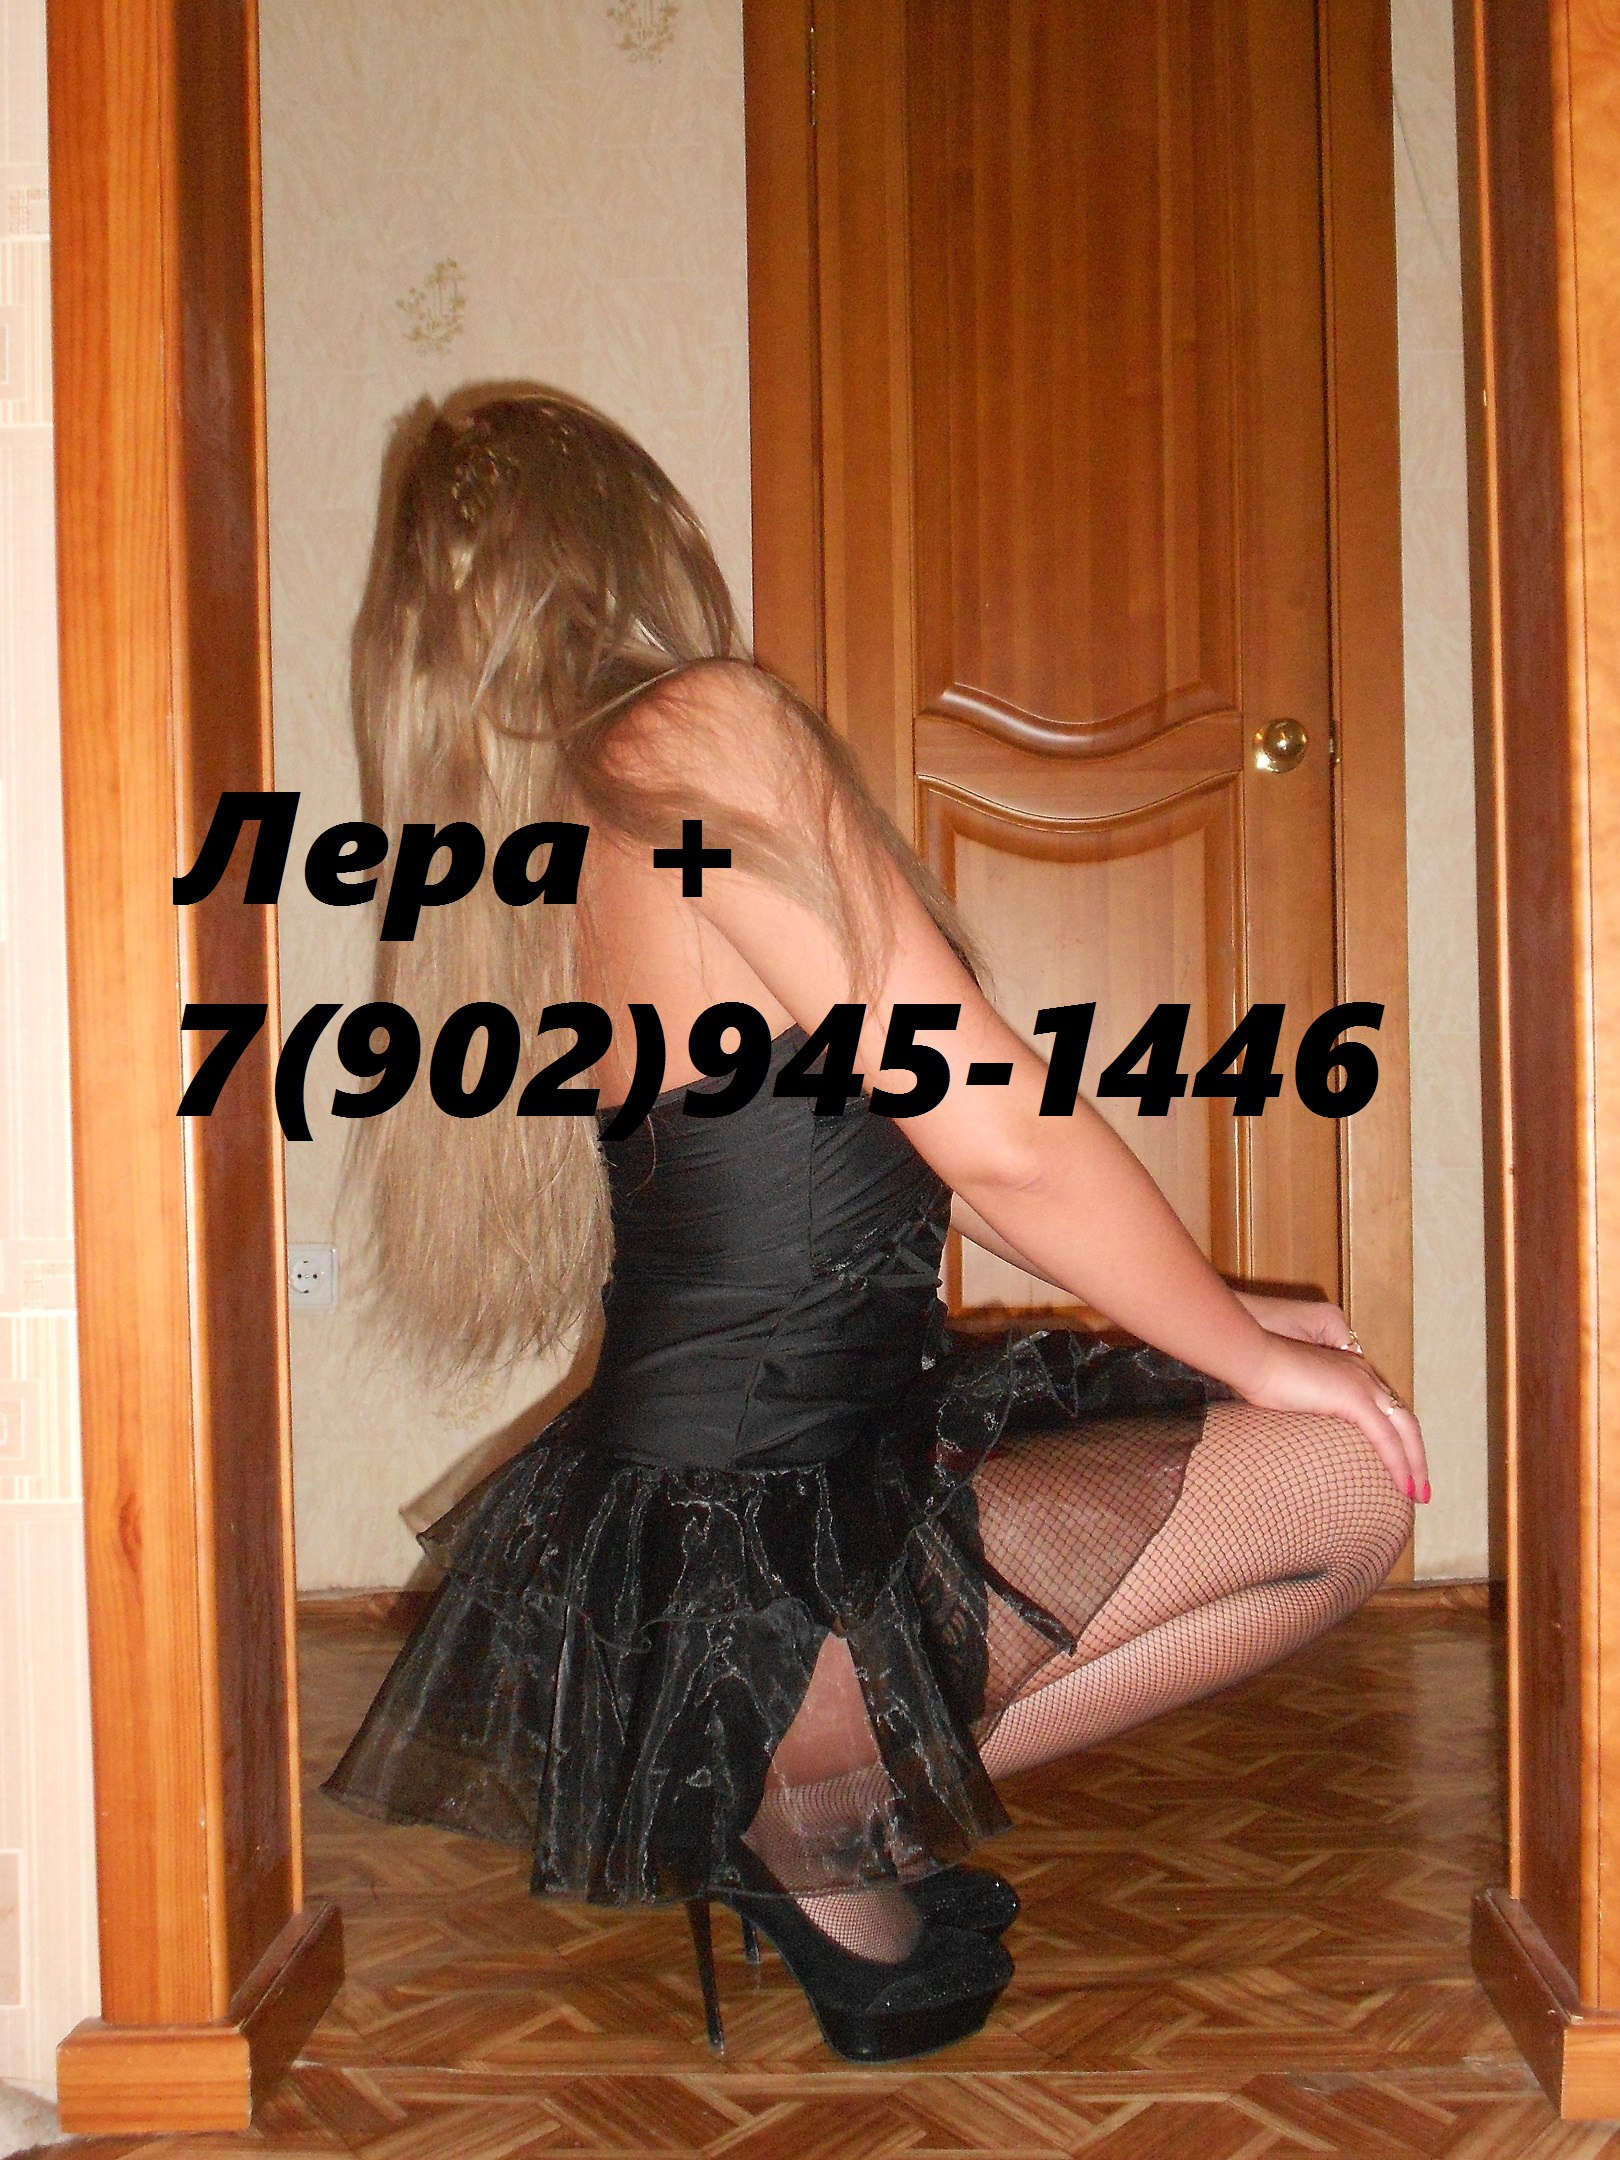 Саратов проститутки где стоят 24 фотография